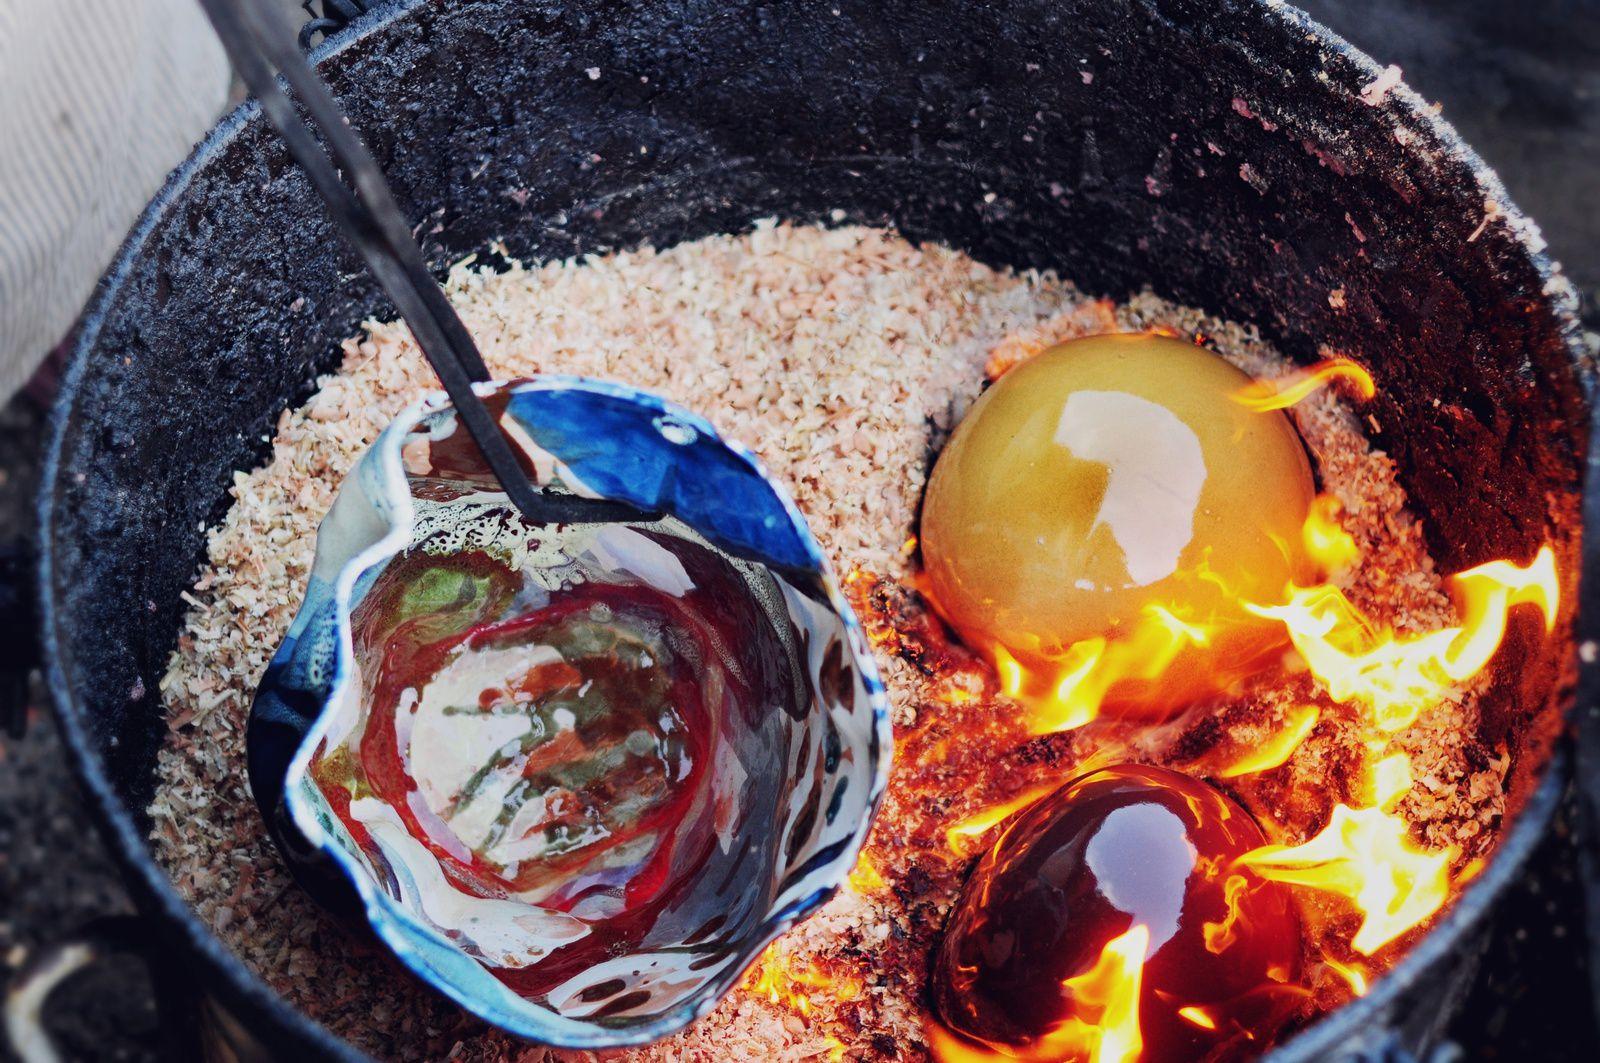 Stage Raku : 4 heures d'atelier par jour dans un lieu calme et propice à la création . Les trois premiers jours sont consacrés à la forme dans l 'argile à travaers différentes techniques de modelage ( modelage dans la masse de terre, technique du colombin et tecnique de la plaque . le jeudi , présentation de l 'émaillage , sa fabrication et les techniques de pose avec une première cuisson raku et analyse des résultats . Vendredi cuisson des pièces au raku . Les horaires : lundi ,mardi et jeudi de 9h à 13h le mercredi de 16h à 20h et le vendredi à partir de 15h et dernière cuisson au soleil couchant . Pour tous renseignements tel au 0678326588 .